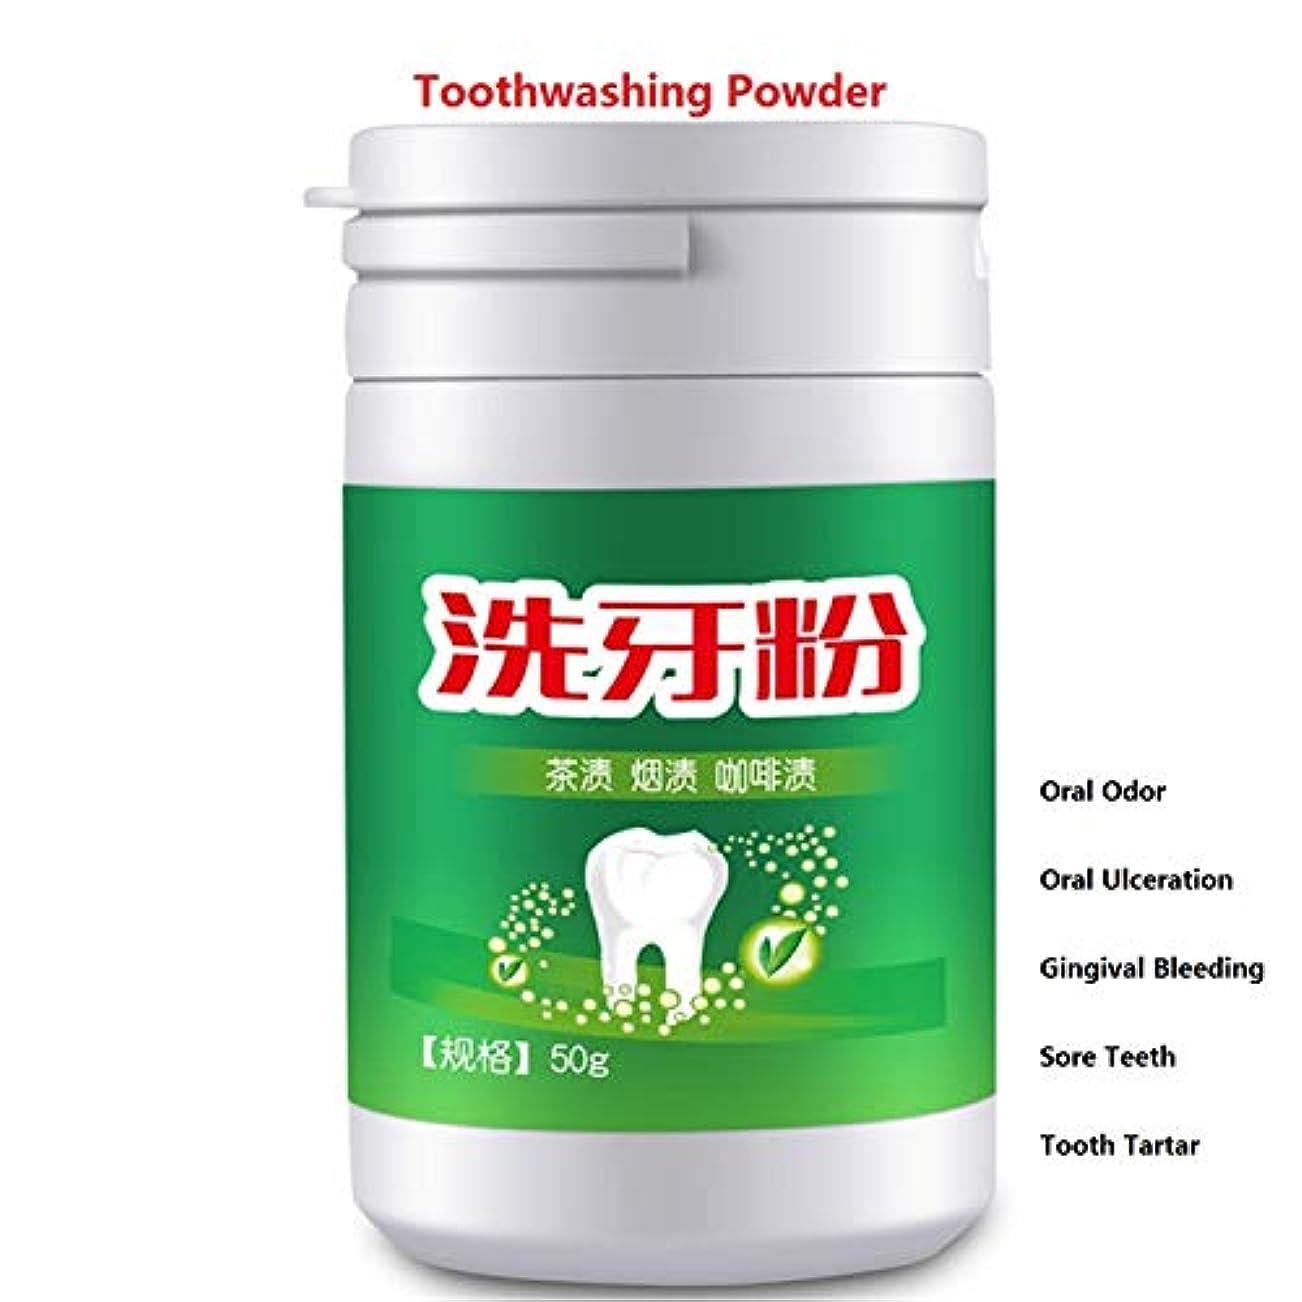 金属カテゴリー安いですナチュラルオーラルケア - 歯磨き粉、3パック、植物のクレンジング、歯のホワイトニング、きれいにする、黄色と煙の汚れを落とす